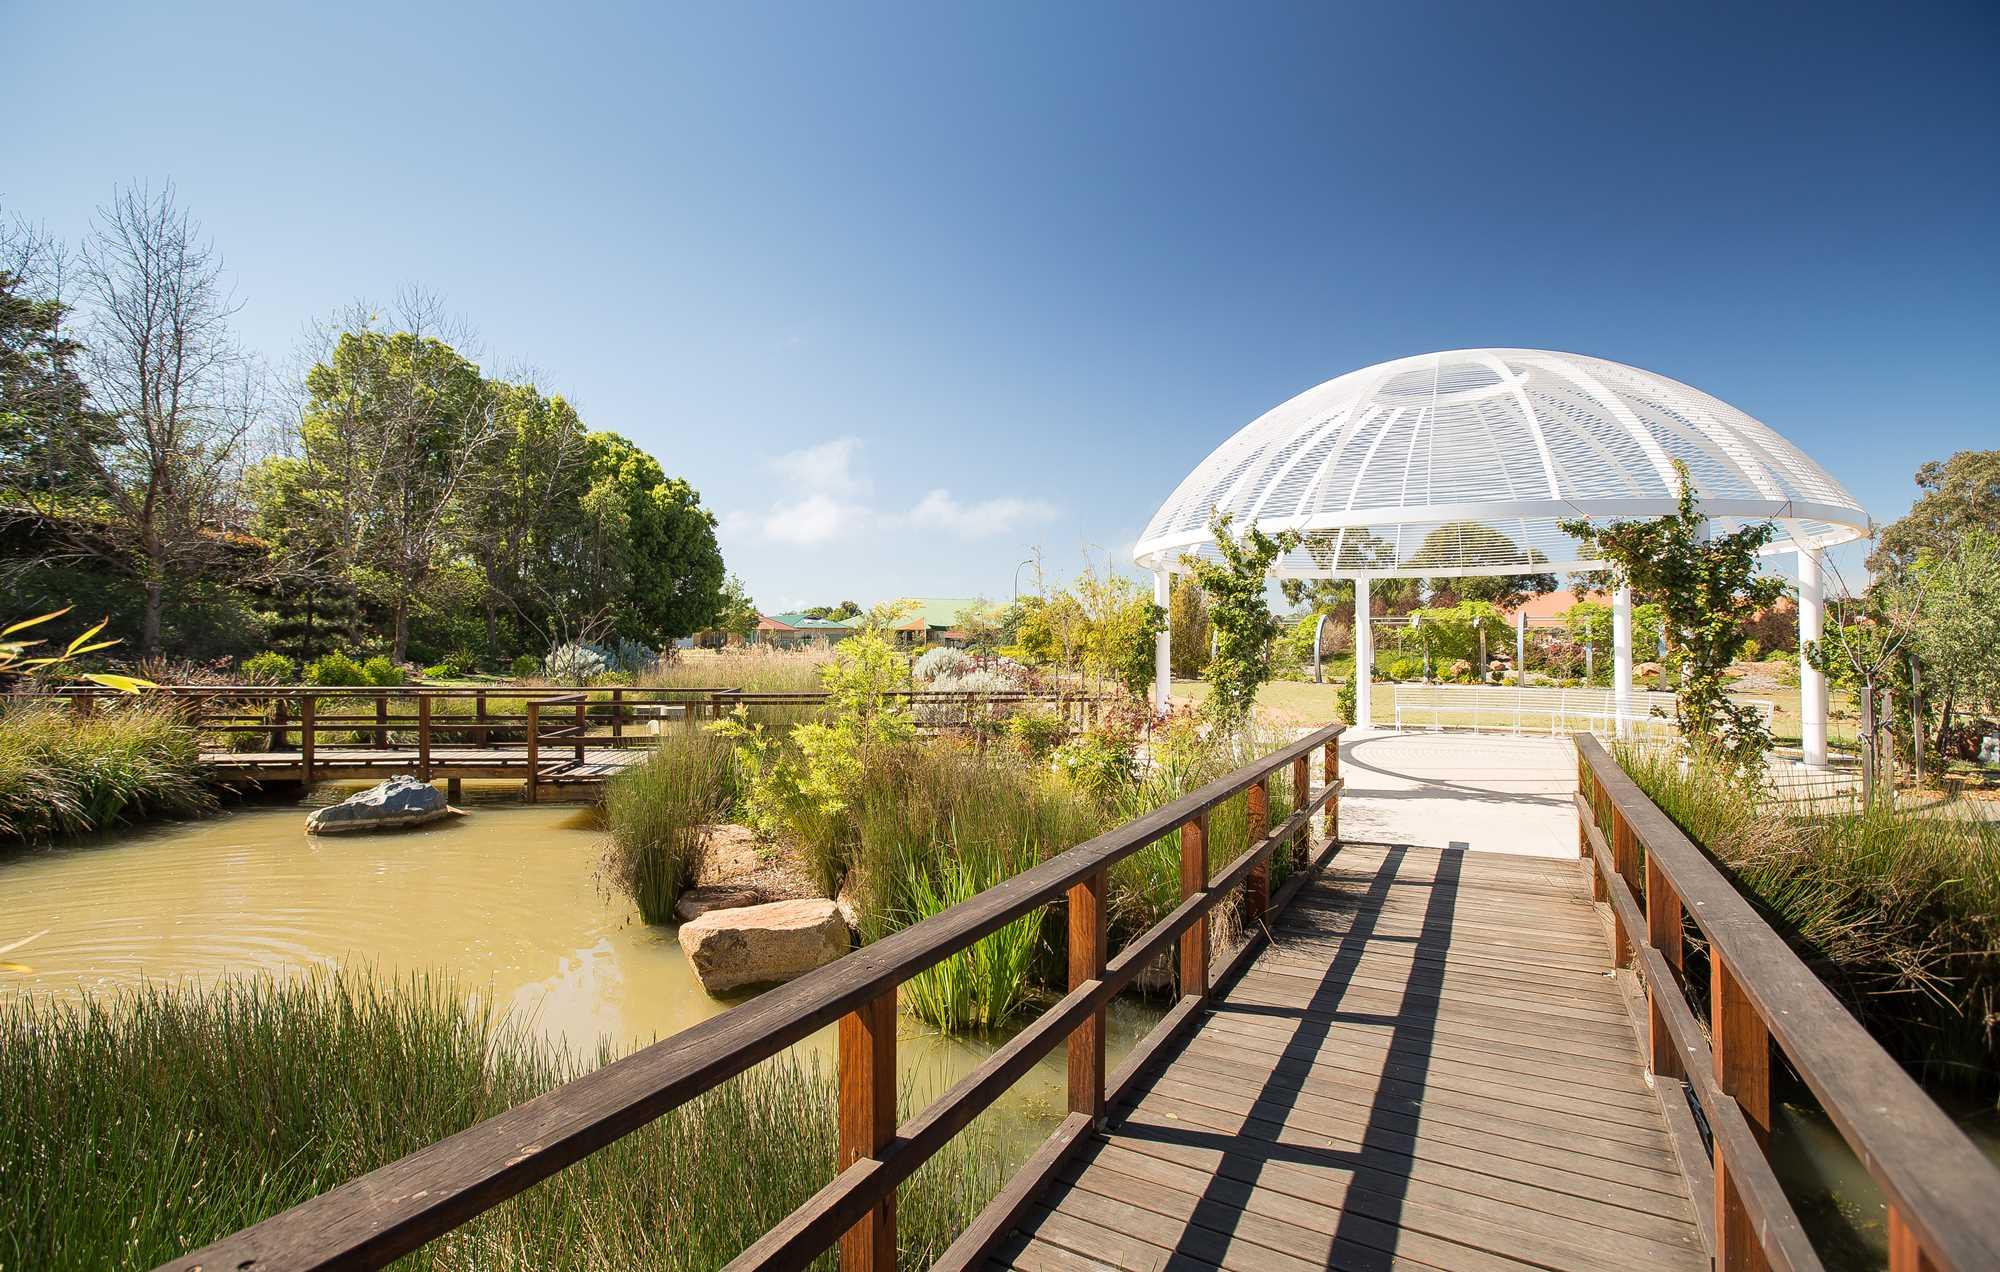 Sensory Garden Dubbo